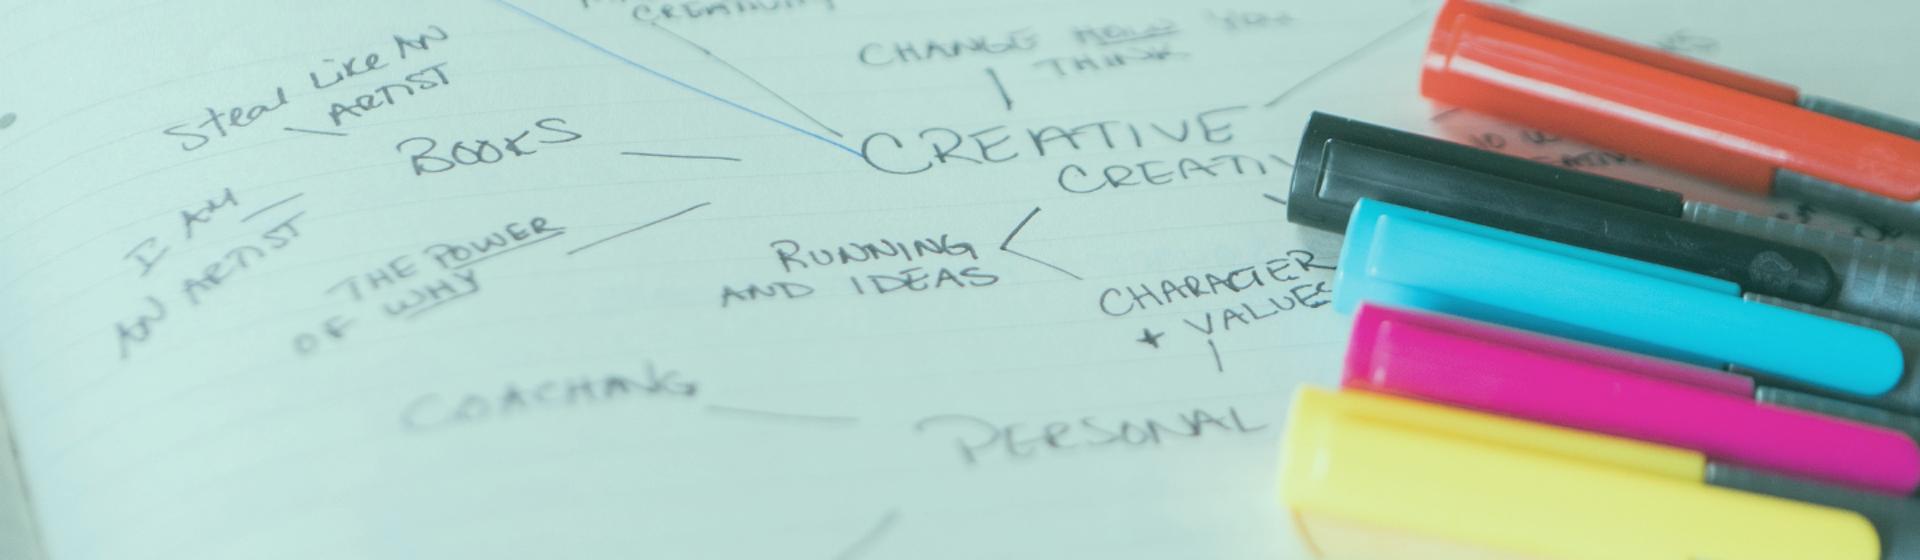 Plantillas gratuitas de cuadros sinópticos creativos: aprende a resumir como un pro